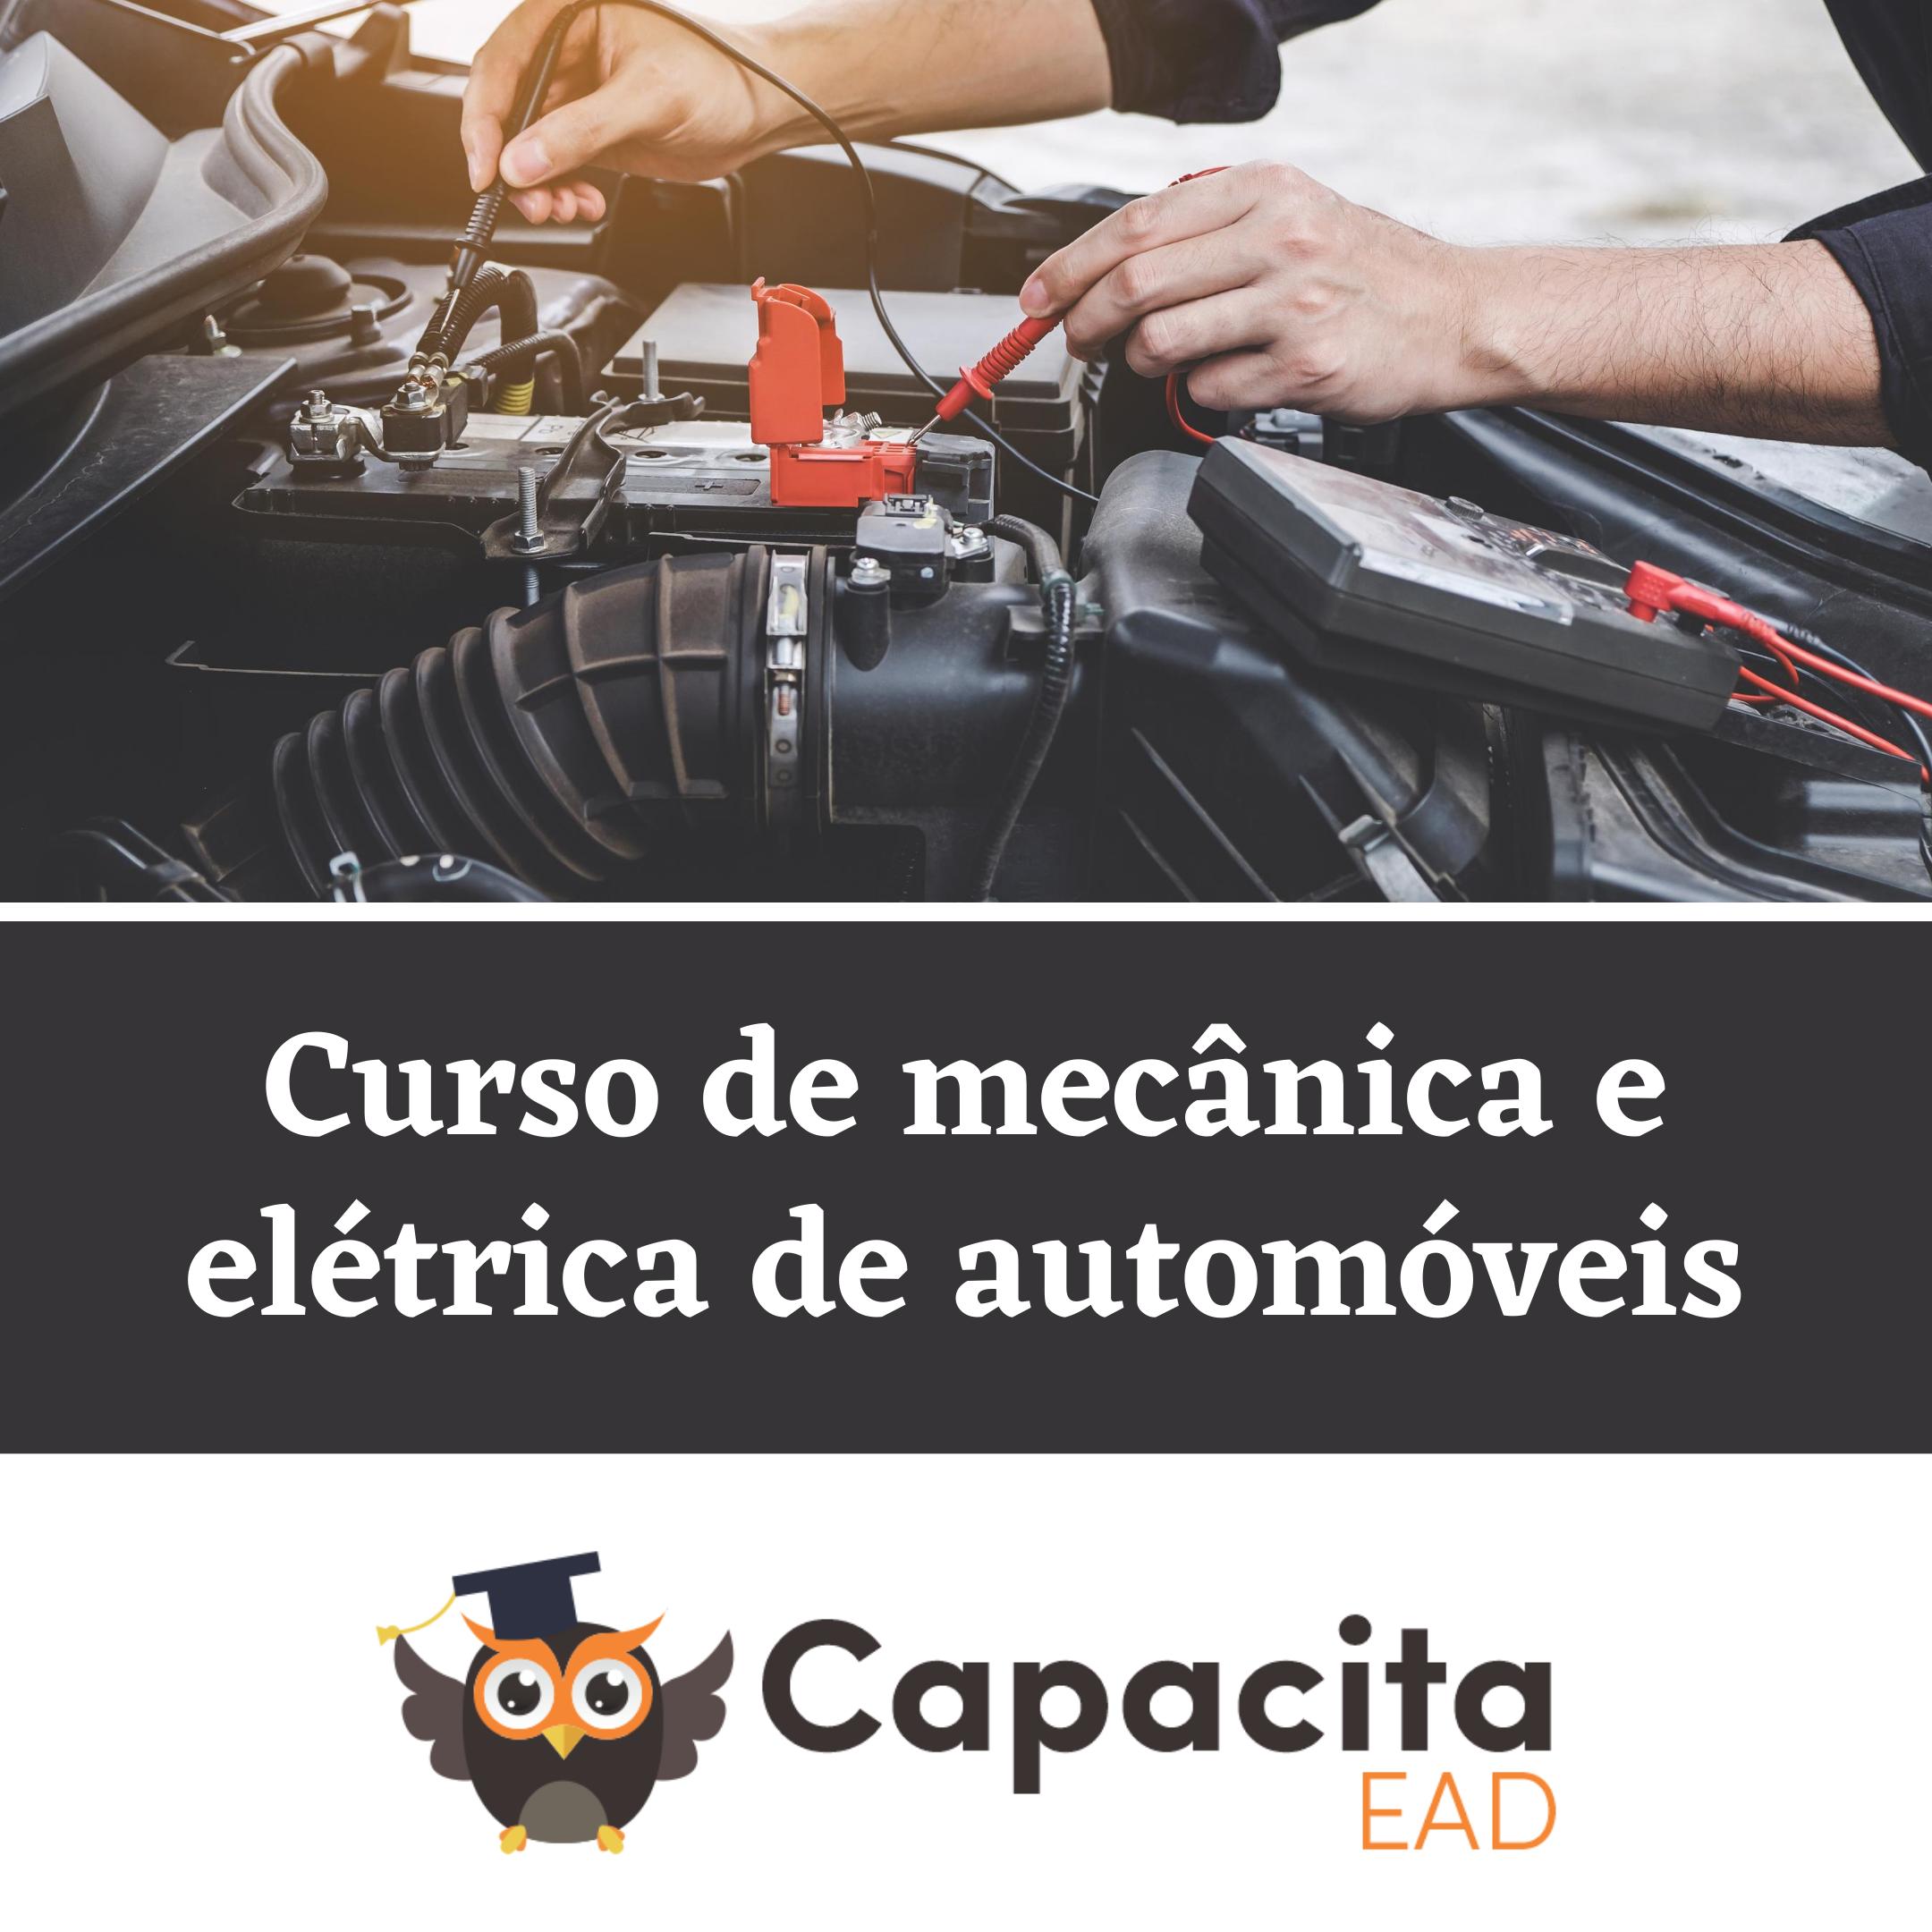 Curso de mecânica e elétrica de automóveis